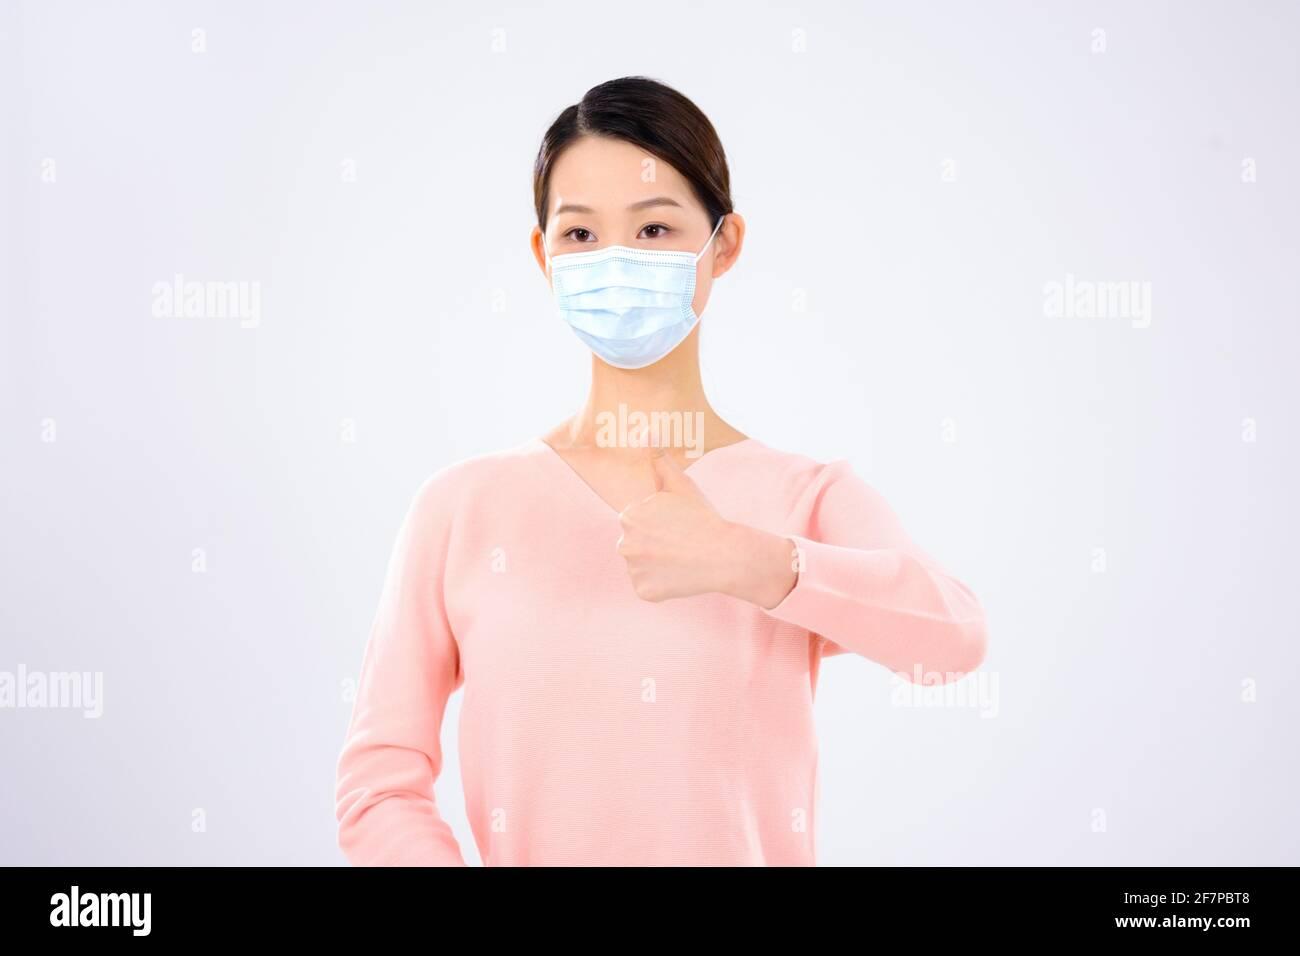 Una giovane donna con una maschera teneva fuori il pollice vista frontale Foto Stock